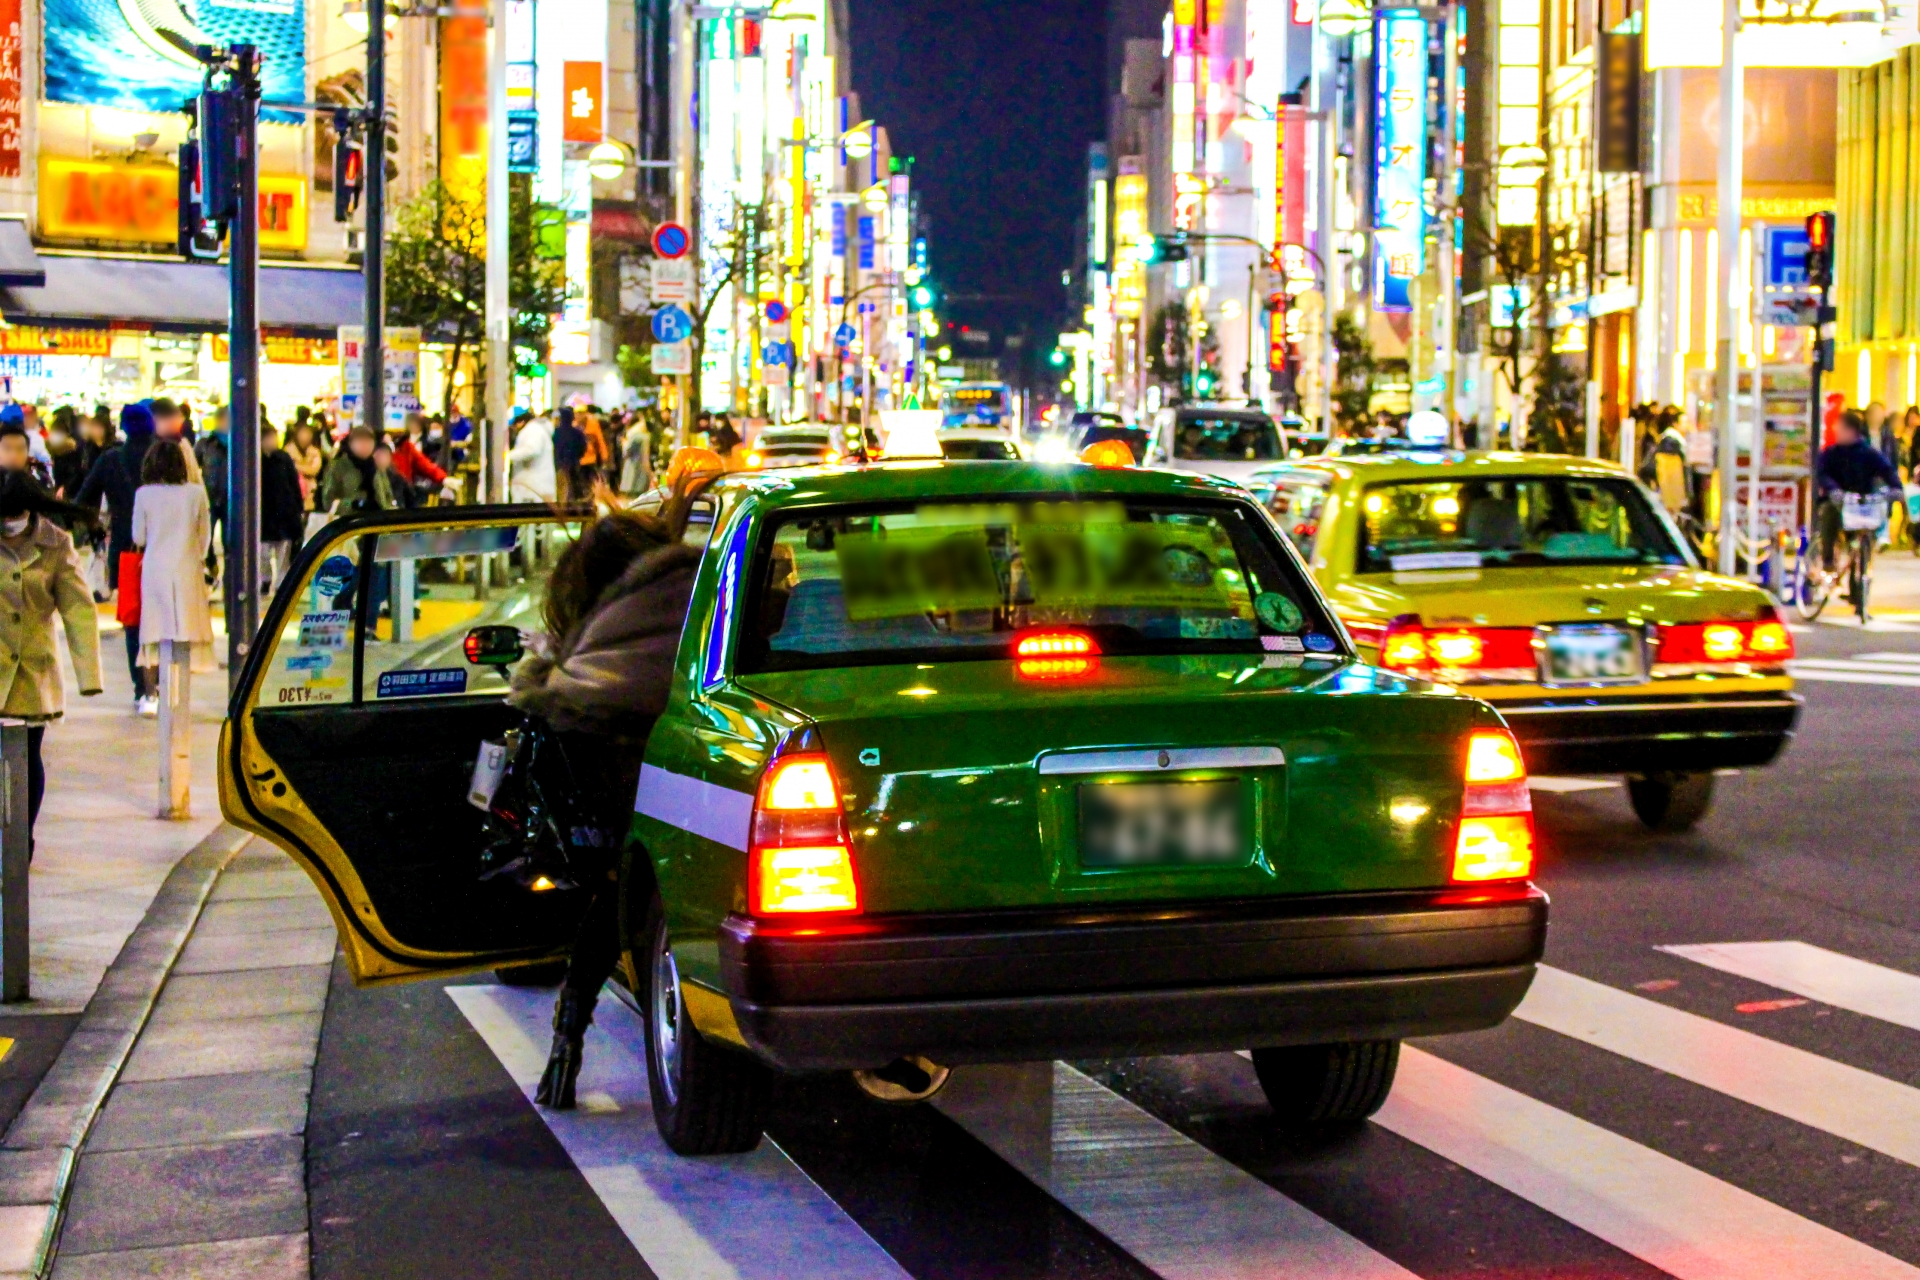 タクシーに乗って、ワンメーターは迷惑かどうか